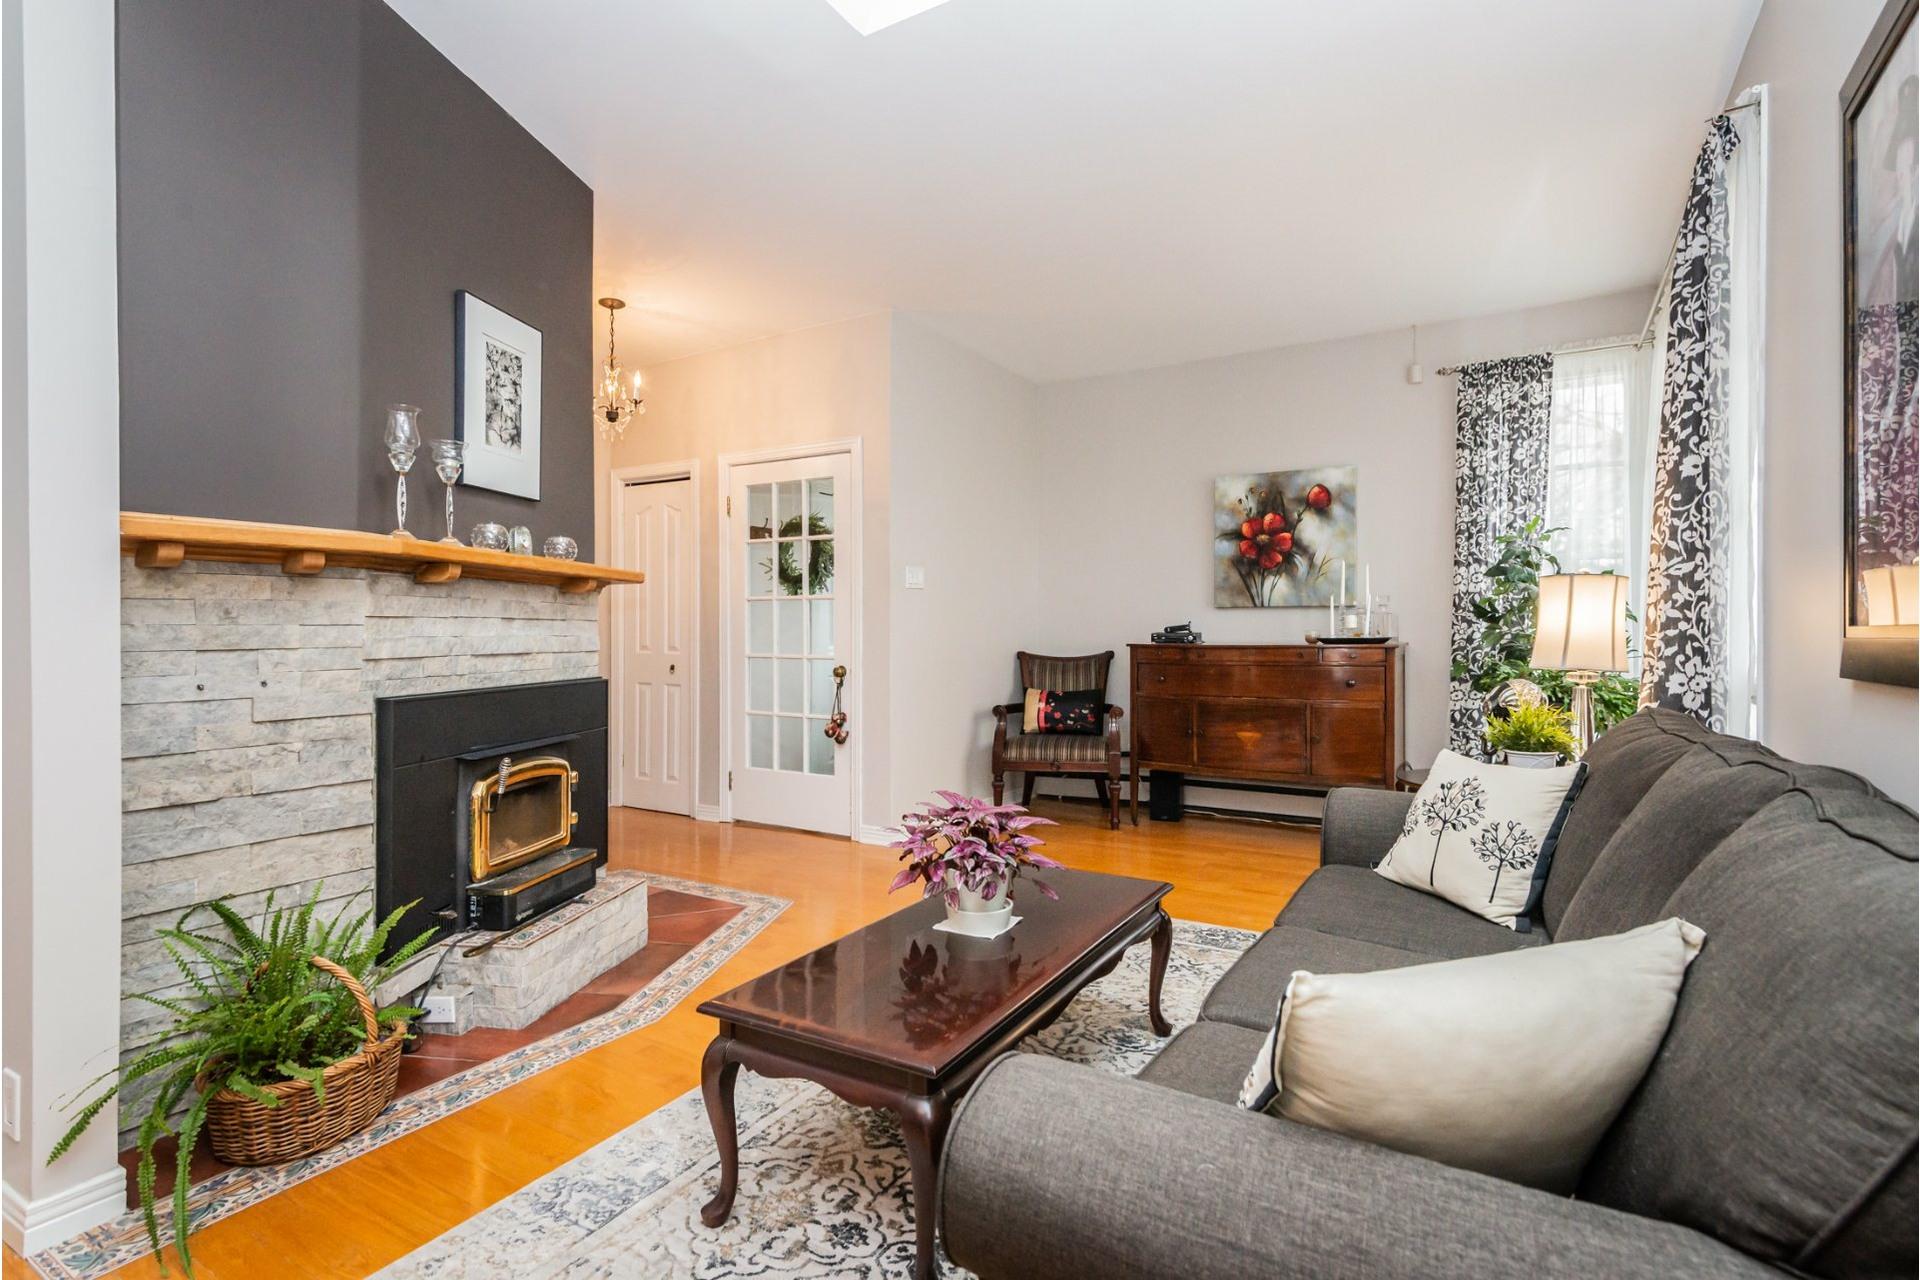 image 2 - Maison À vendre Pierrefonds-Roxboro Montréal  - 11 pièces